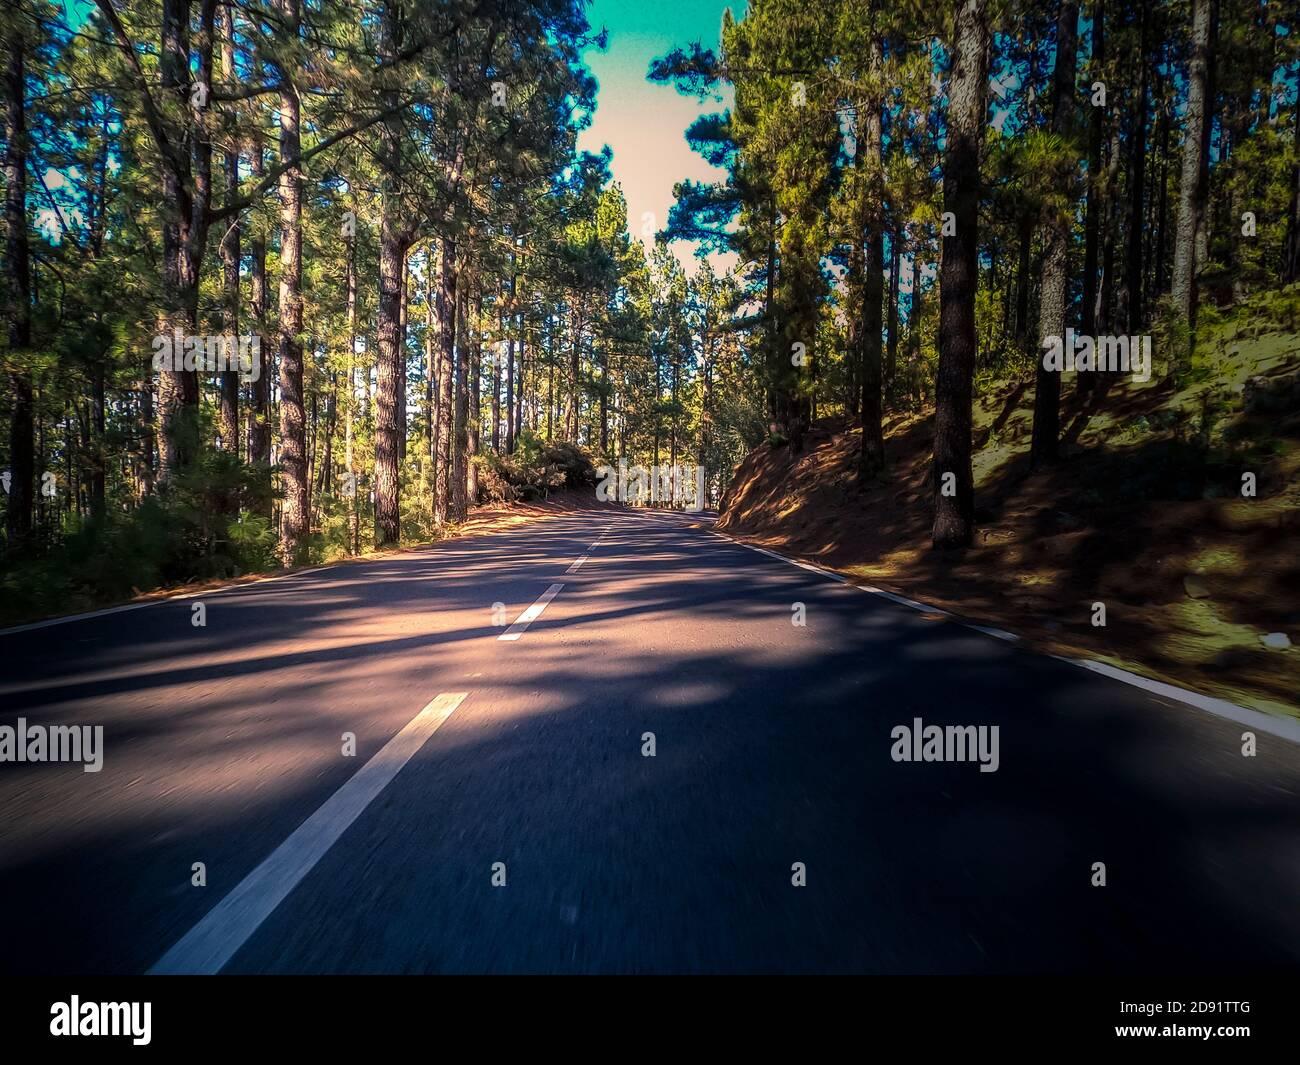 Longue route asphaltée vue sur le sol et concept de voyage - montagne et paysage aérien - excursion en plein air dans un endroit pittoresque arrière-plan Banque D'Images